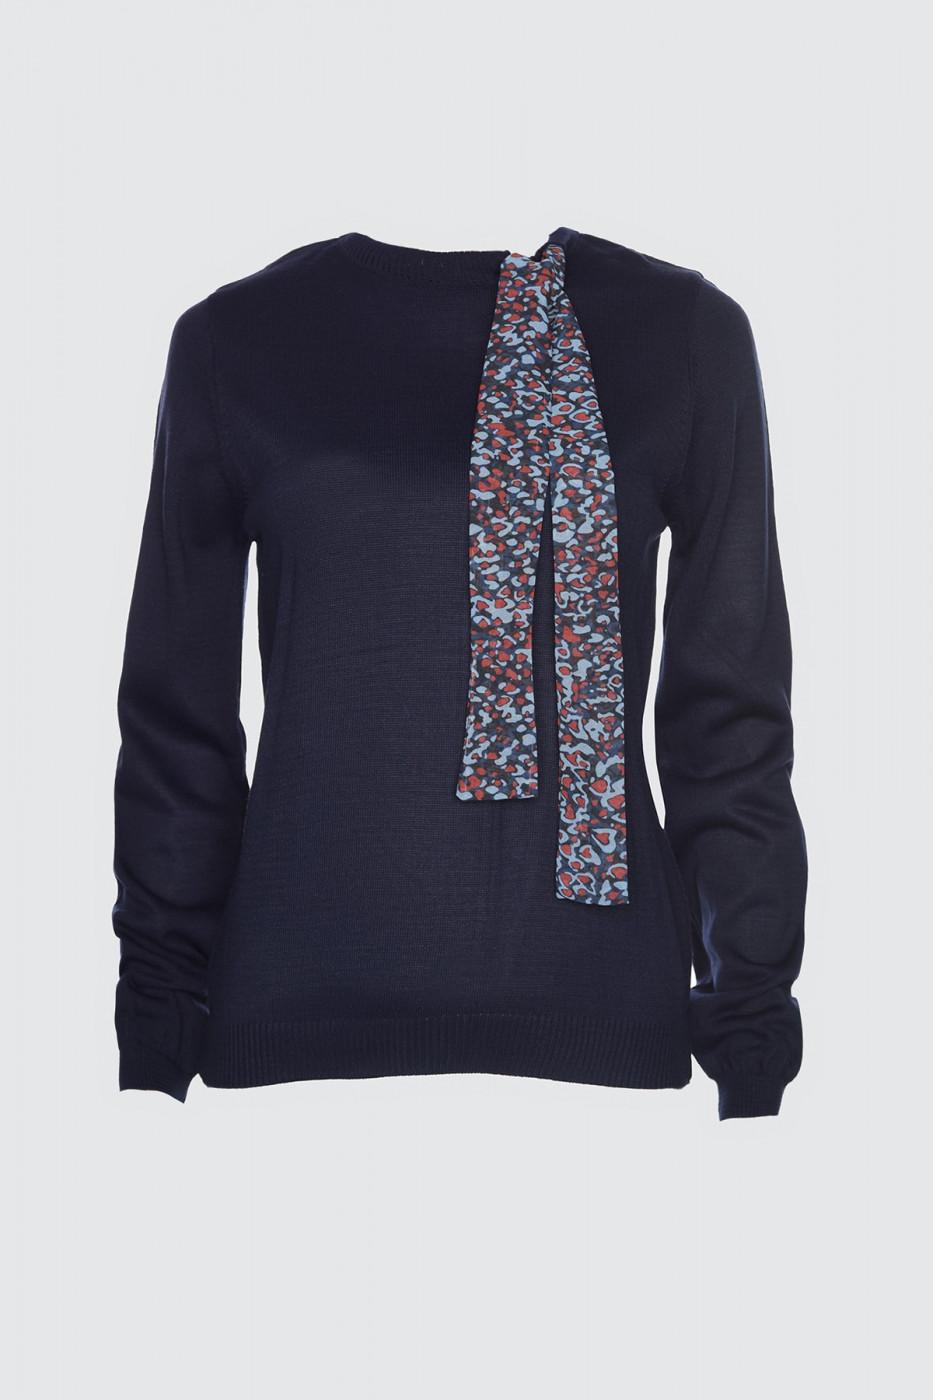 Trendyol Navy Scarf Detailed Knitwear Sweater